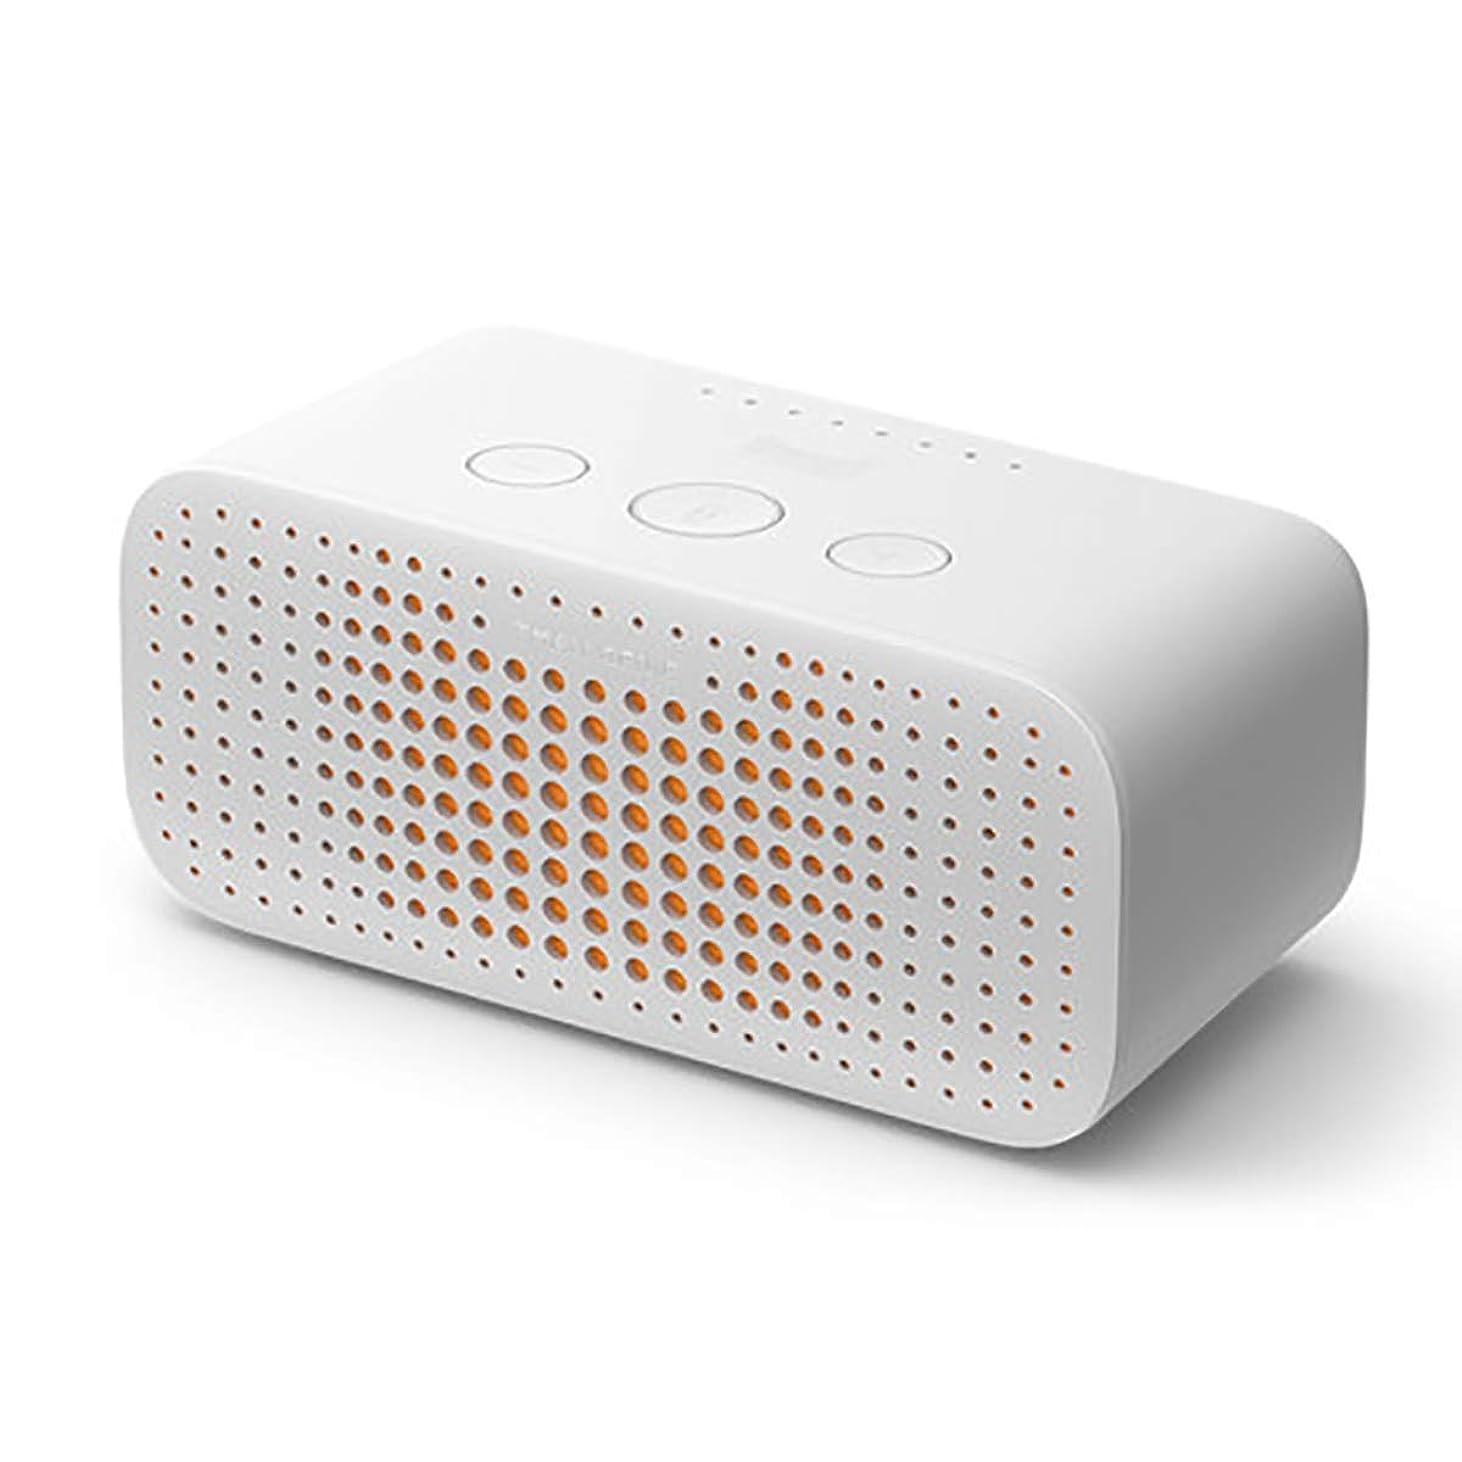 ひどく実質的最大のHXSD TmallエルフスクエアシュガーRスマートスピーカーのBluetoothオーディオ小型スマートAI目覚まし時計ホームの声知能ロボット (Color : White, Size : Standard Edition)